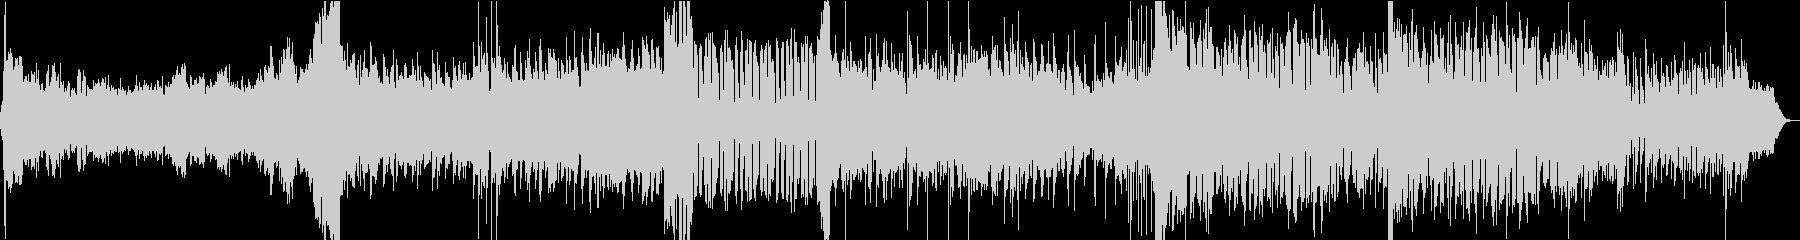 ピアノの旋律が印象的なシンセポップBGMの未再生の波形